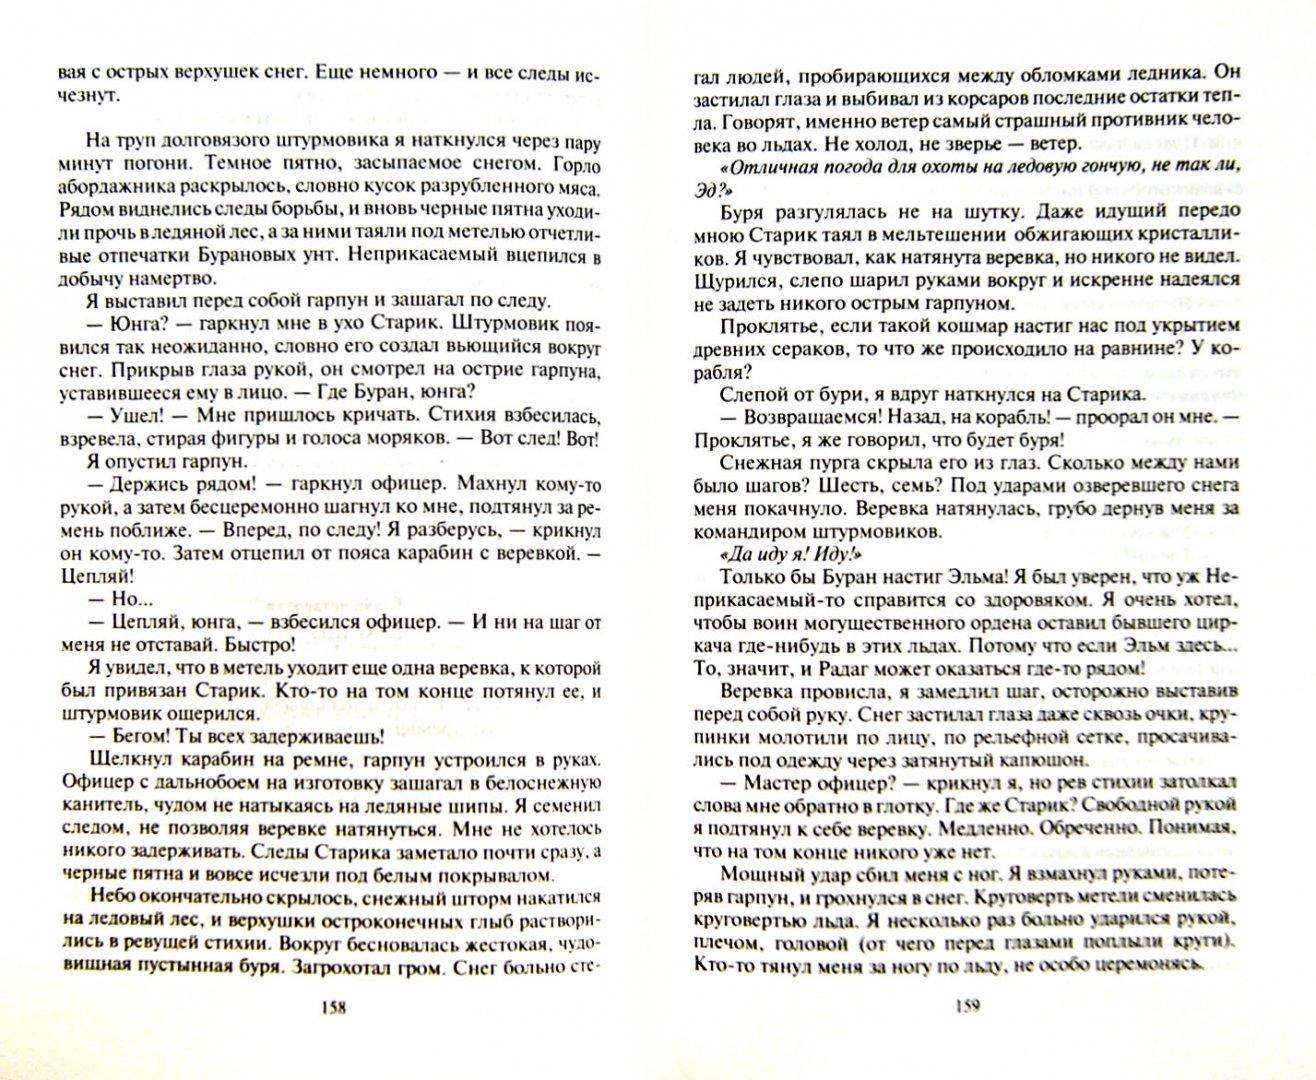 Иллюстрация 1 из 6 для Месть Ледовой Гончей - Юрий Погуляй | Лабиринт - книги. Источник: Лабиринт